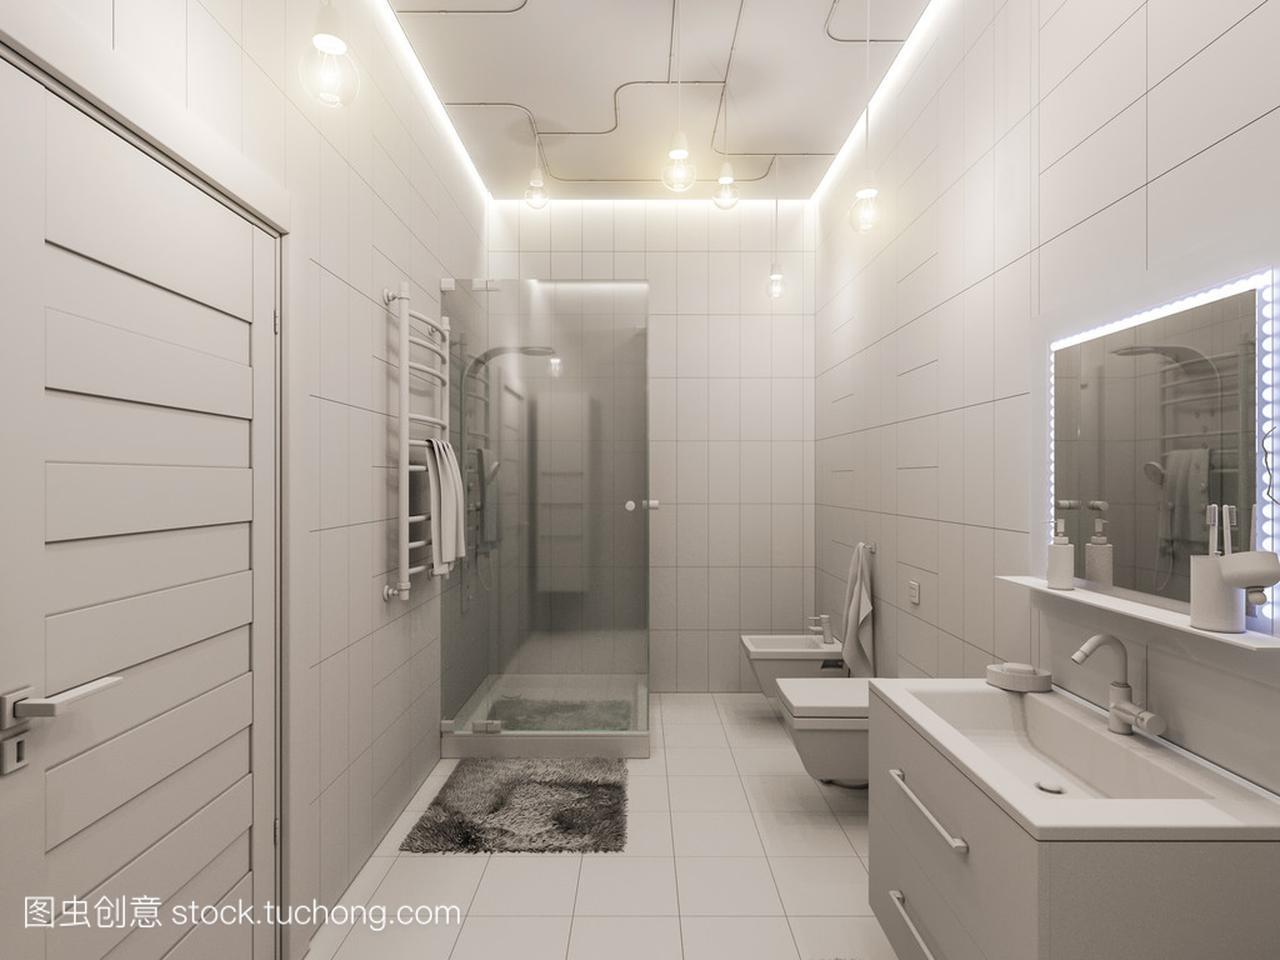 浴室儿童室内设计的3d渲染香港达特思室内设计图片